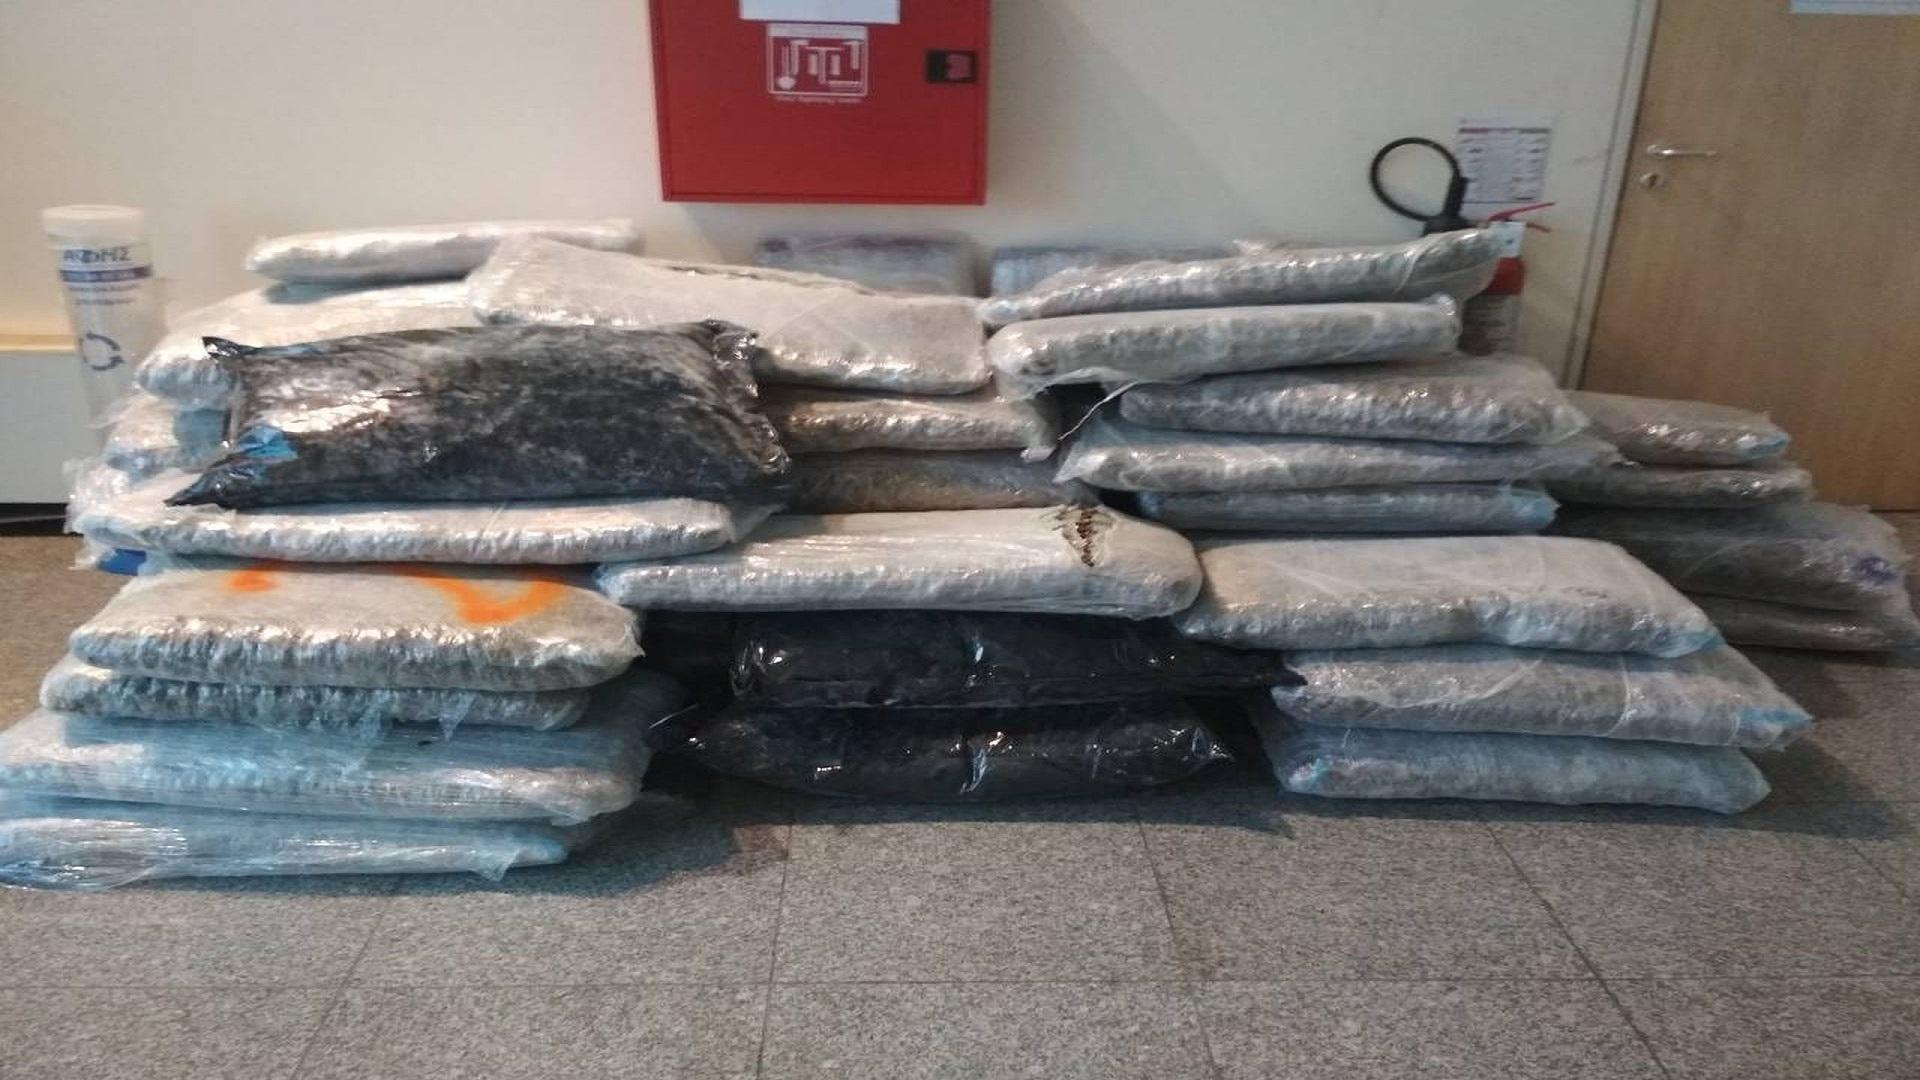 Συλλήψεις τριών ατόμων στην Πάτρα για αγορά-κατοχή -μεταφορά- αποθήκευση και απόπειρα εξαγωγής τετρακοσίων είκοσι κιλών ακατέργαστης κάνναβης